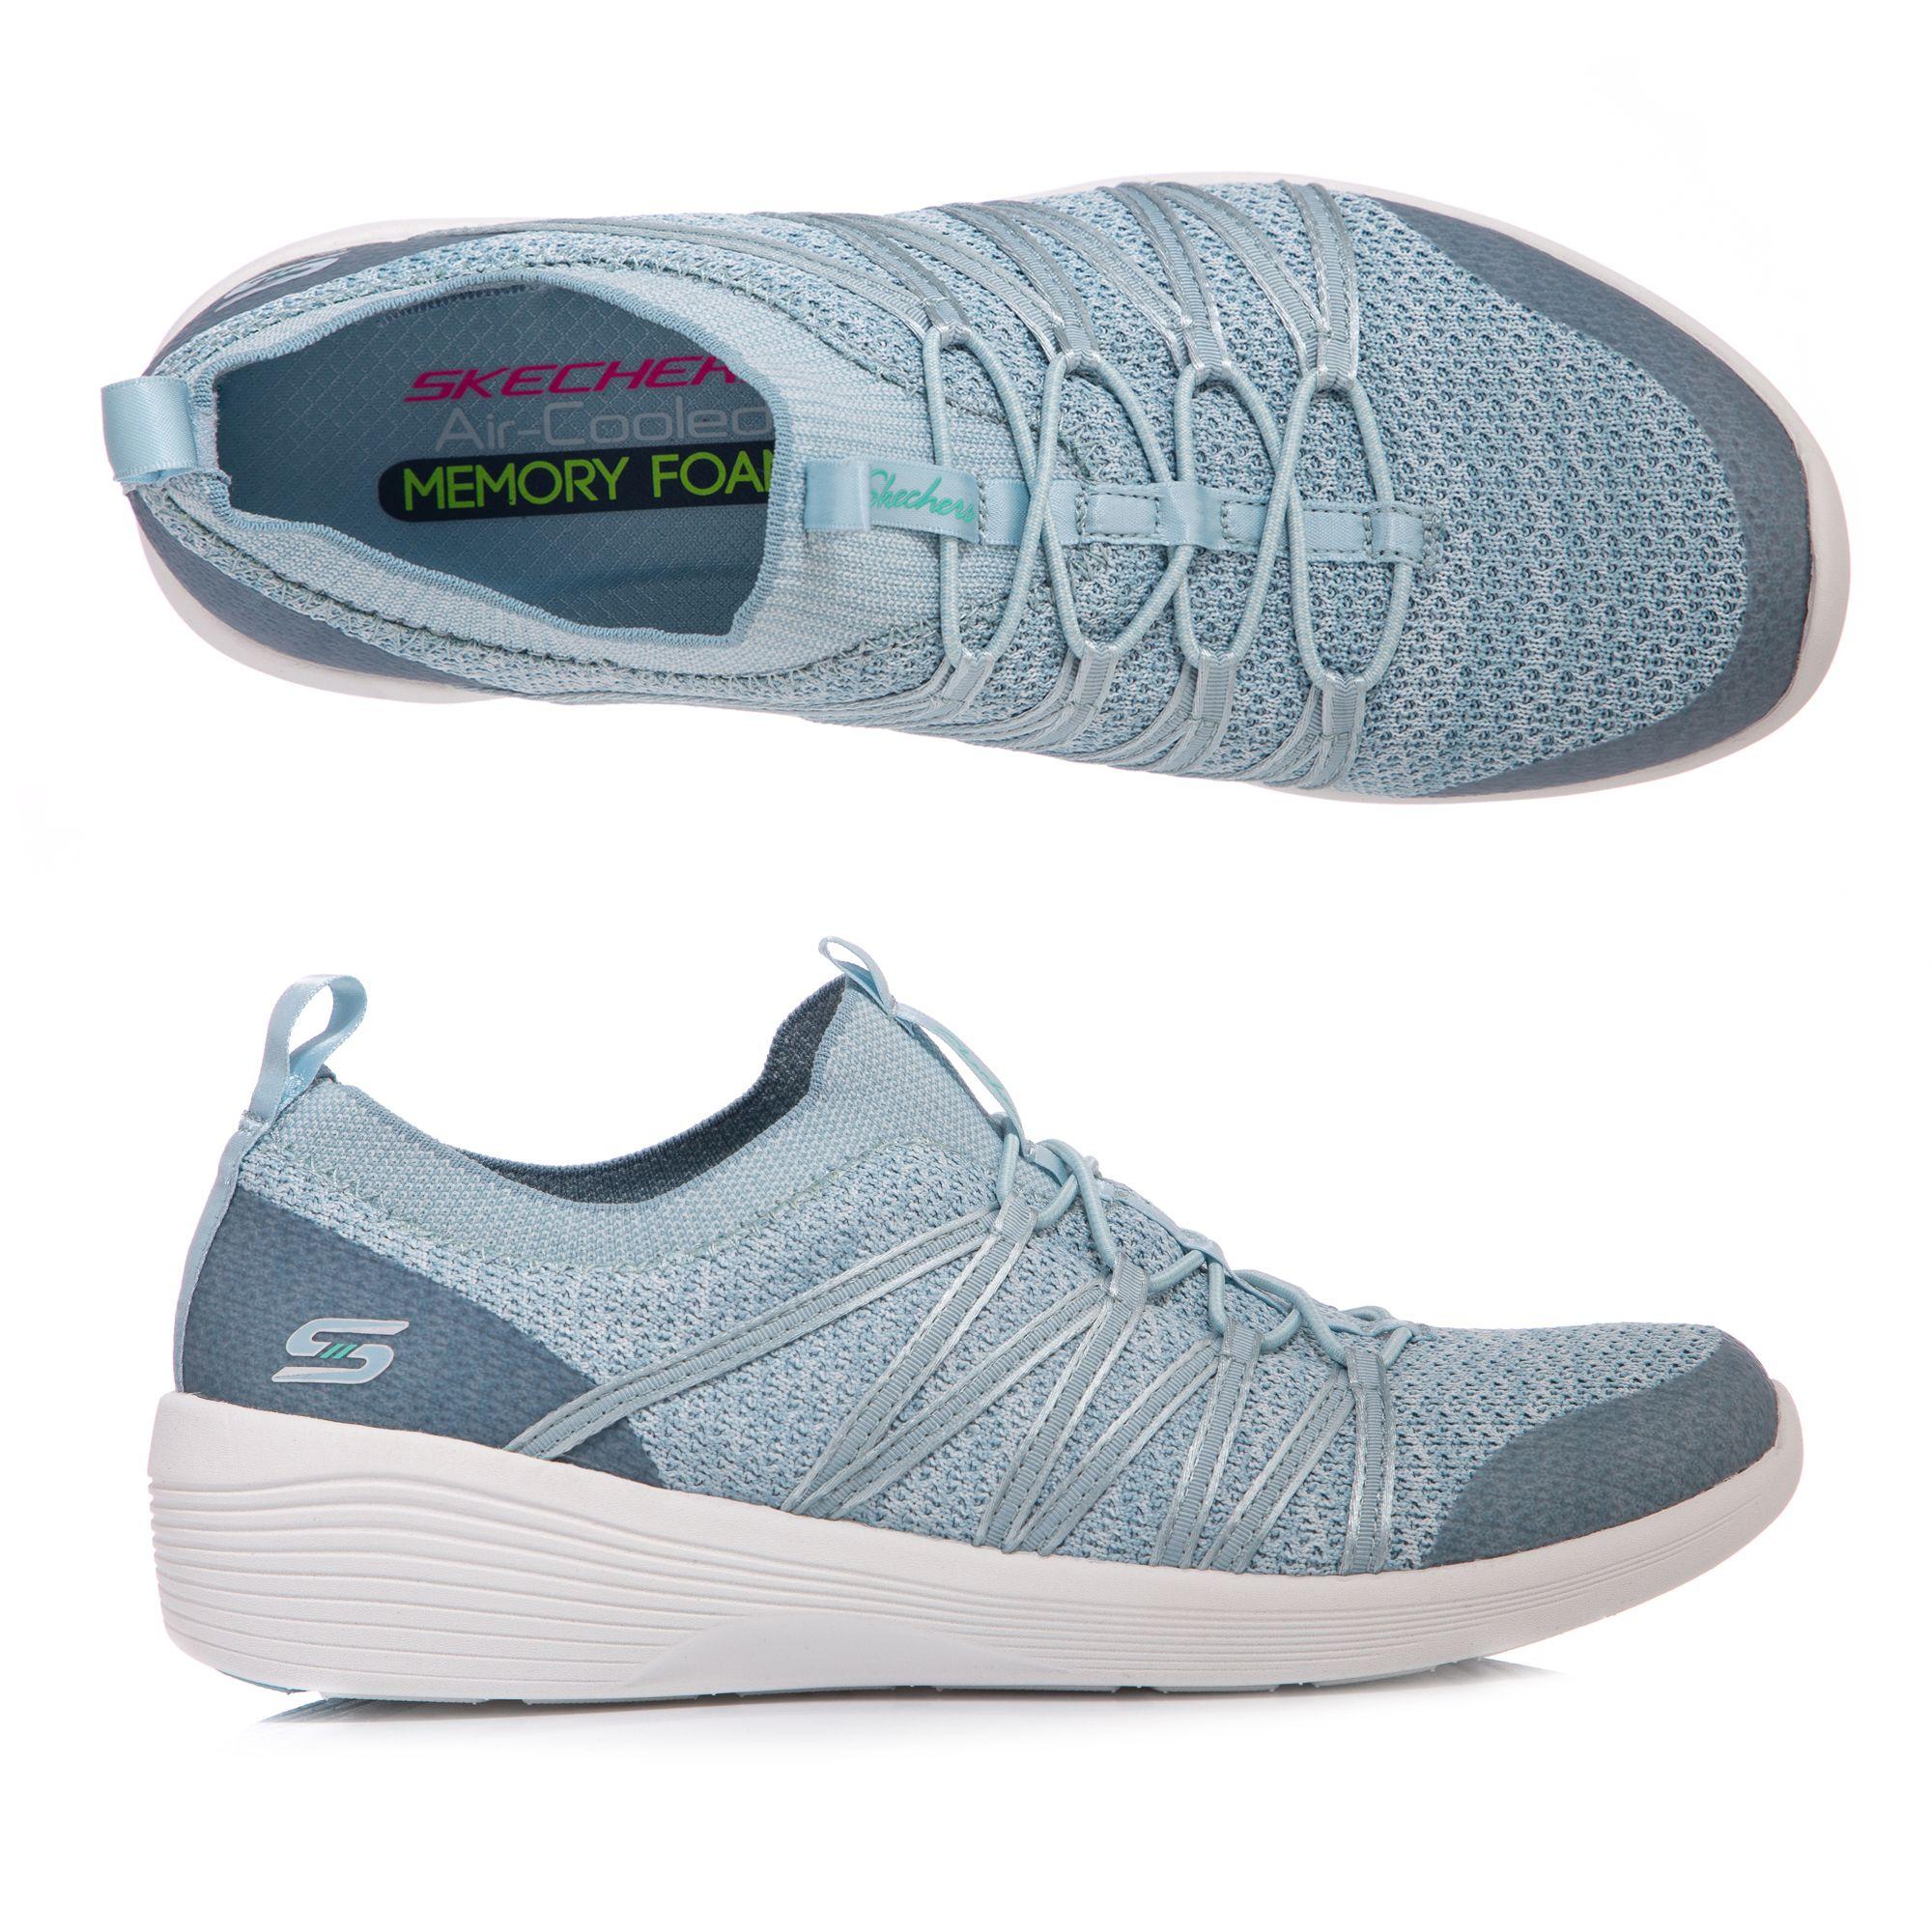 6967ffa353 SKECHERS Damen-Sneaker Arya Bungeeschnürung Memory Foam - Page 1 — QVC.de